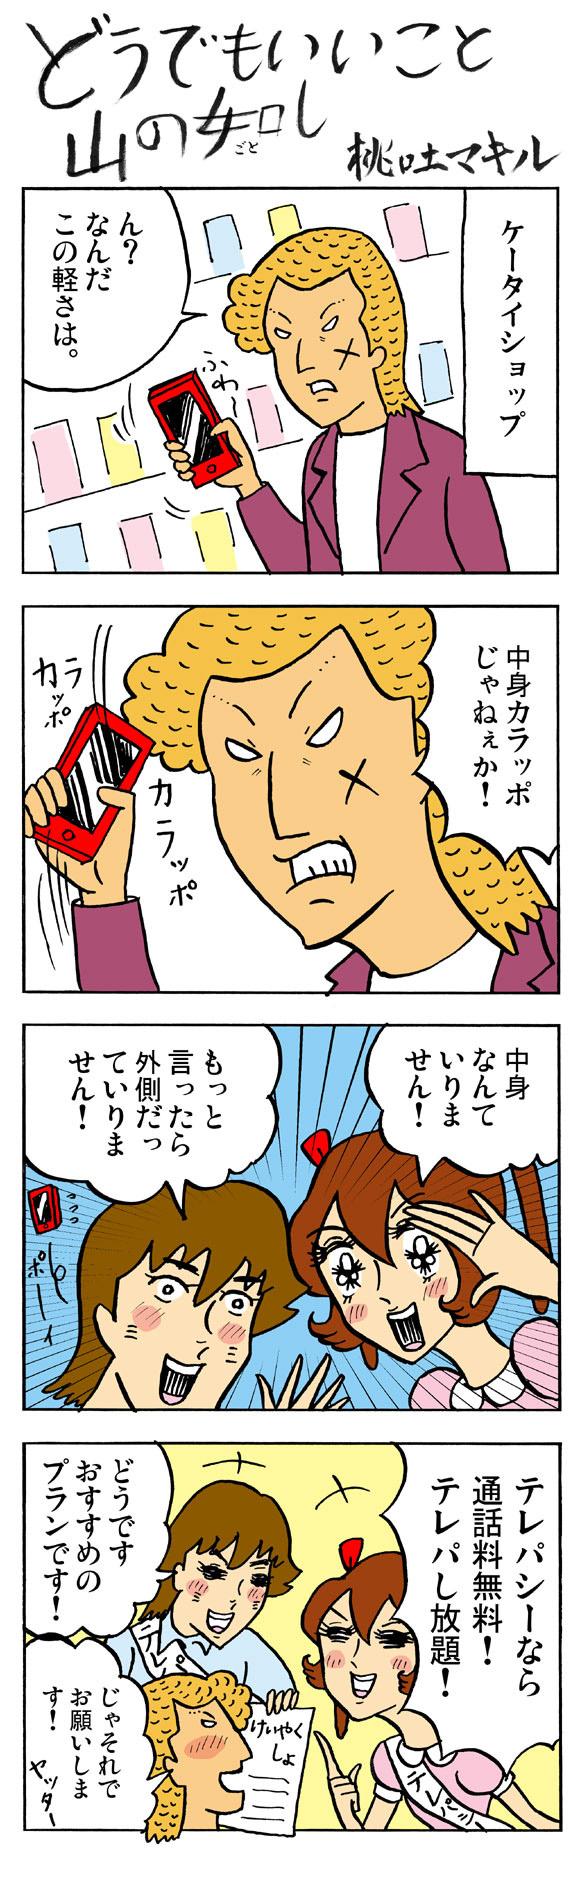 【まんが】どうでもいいこと山の如し「第47話:新商品の如し」 by 桃吐マキル